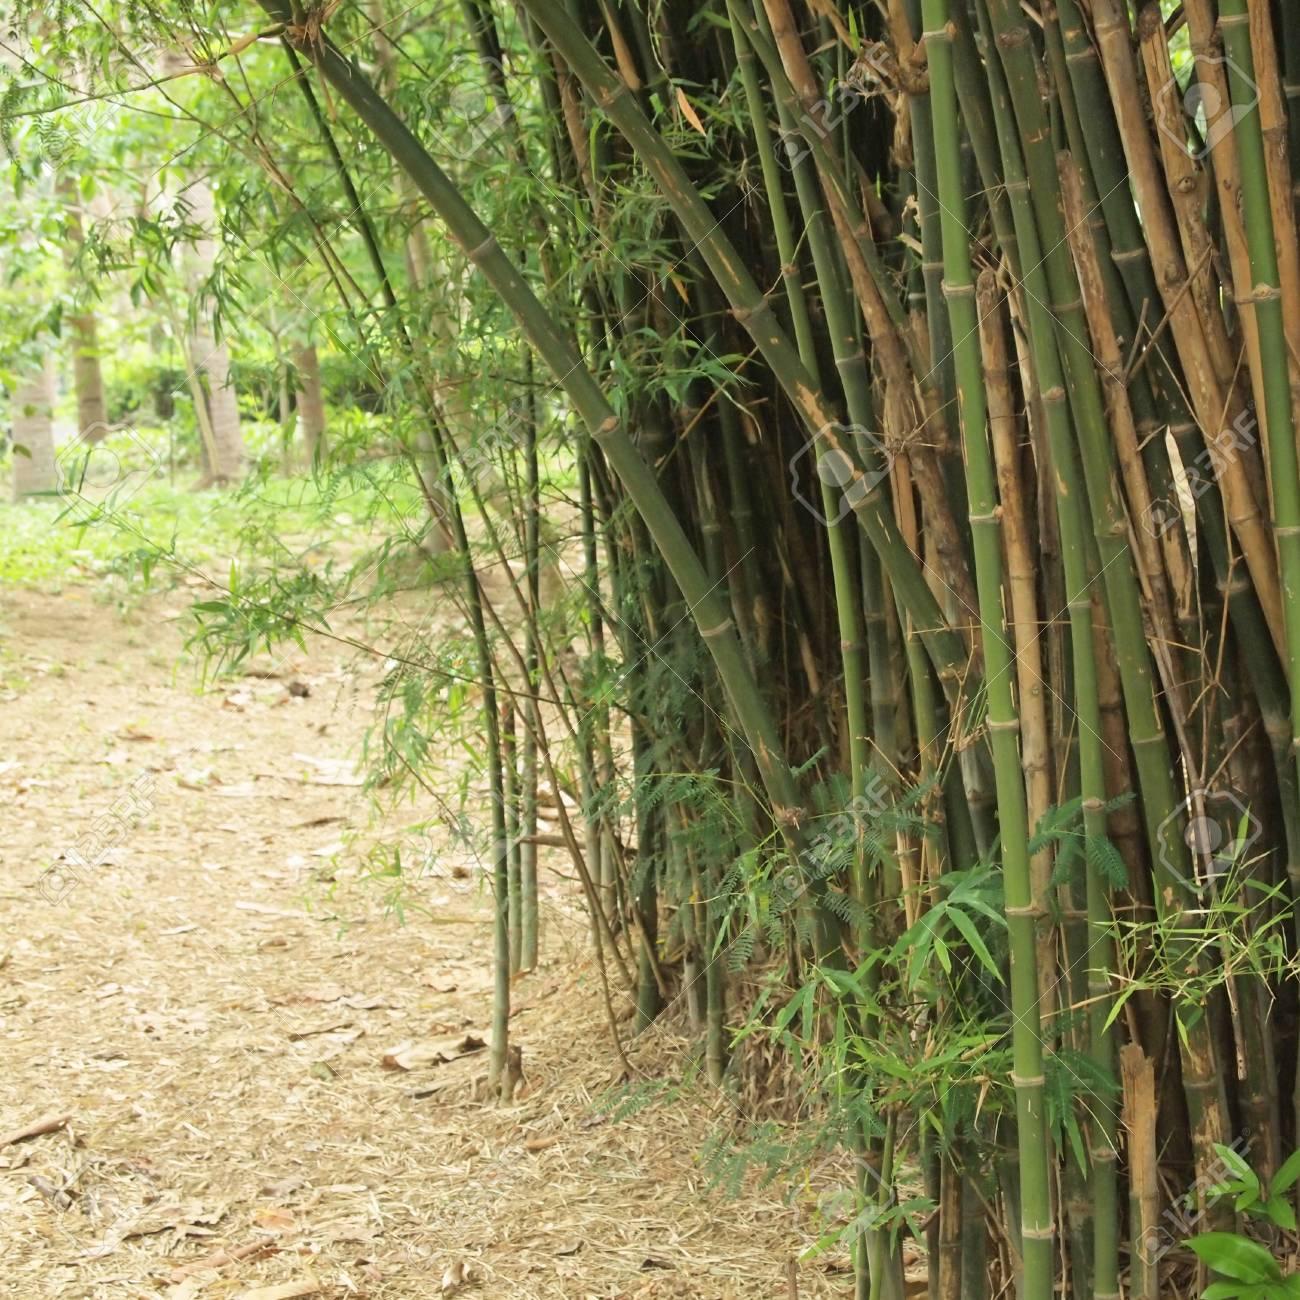 Bambus Wald Baume Hintergrund Innen Tropischen Dschungel